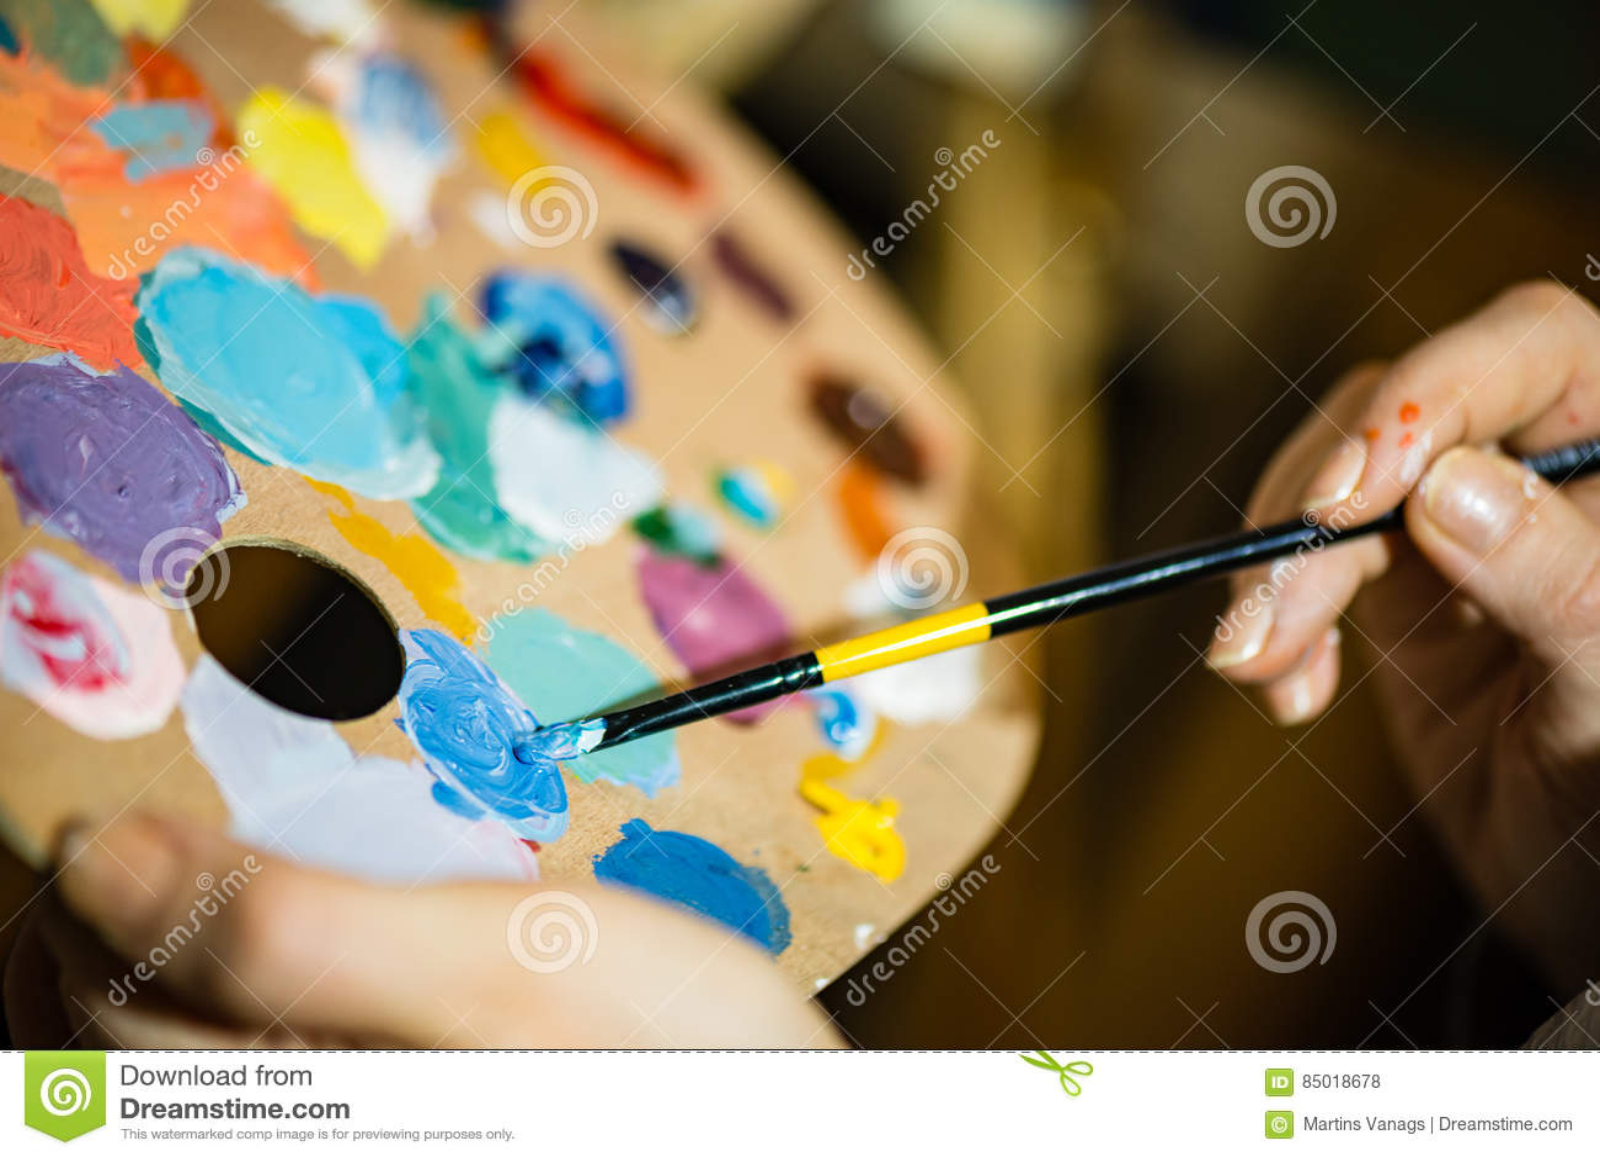 k nstlermalerei mit acrylfarben und mischenden t nen stockfoto bild 85018678. Black Bedroom Furniture Sets. Home Design Ideas